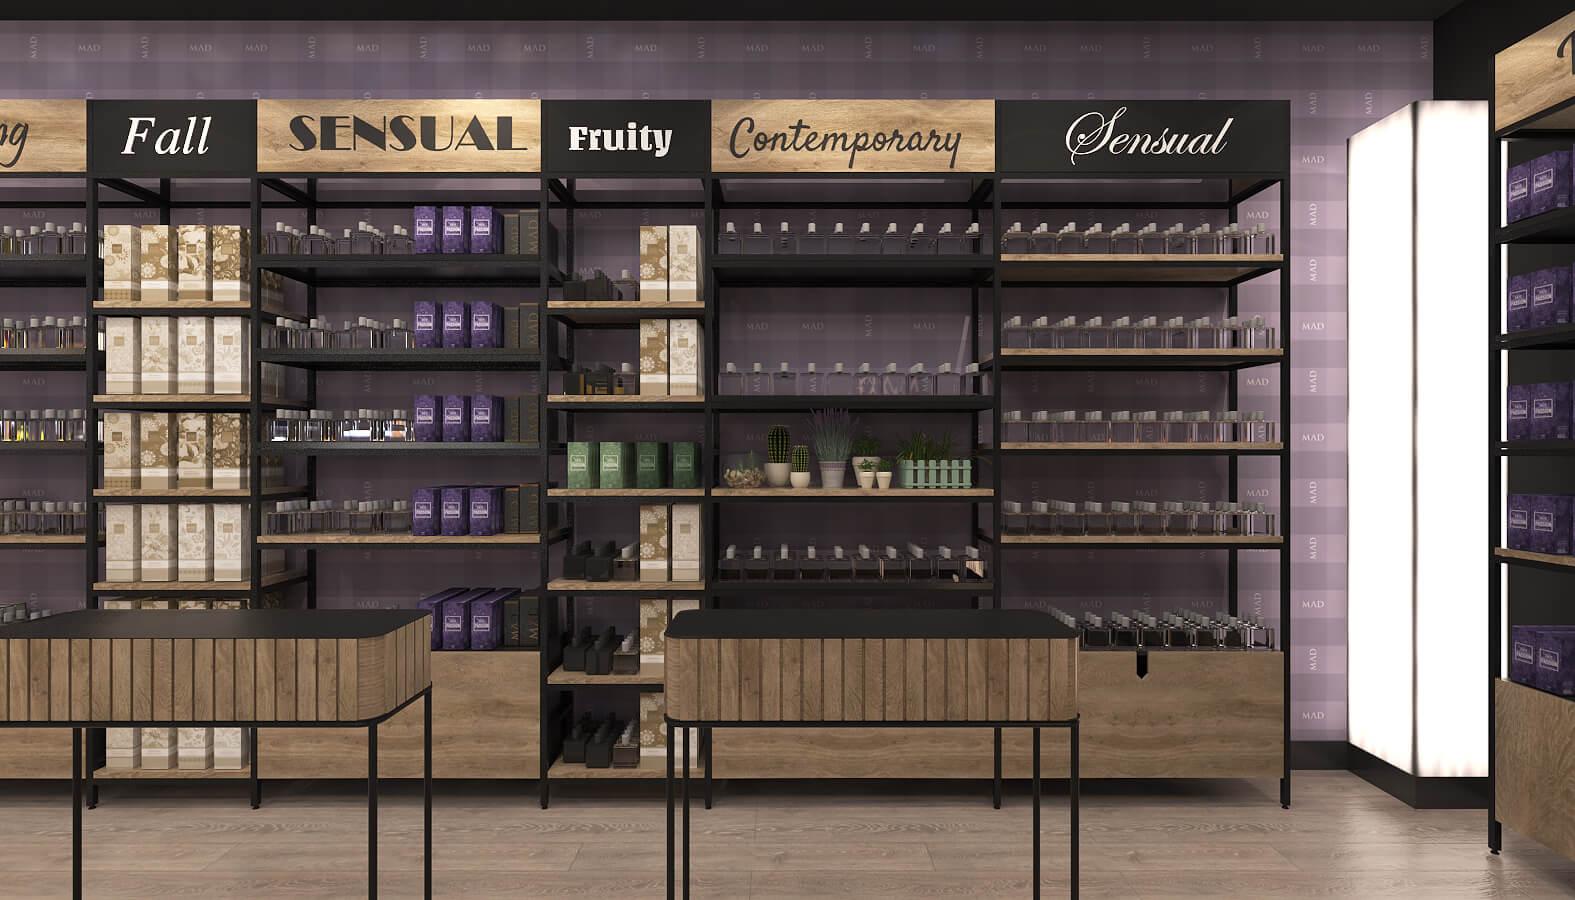 perakende mağaza 3685 MAD Parfumeur Perakende